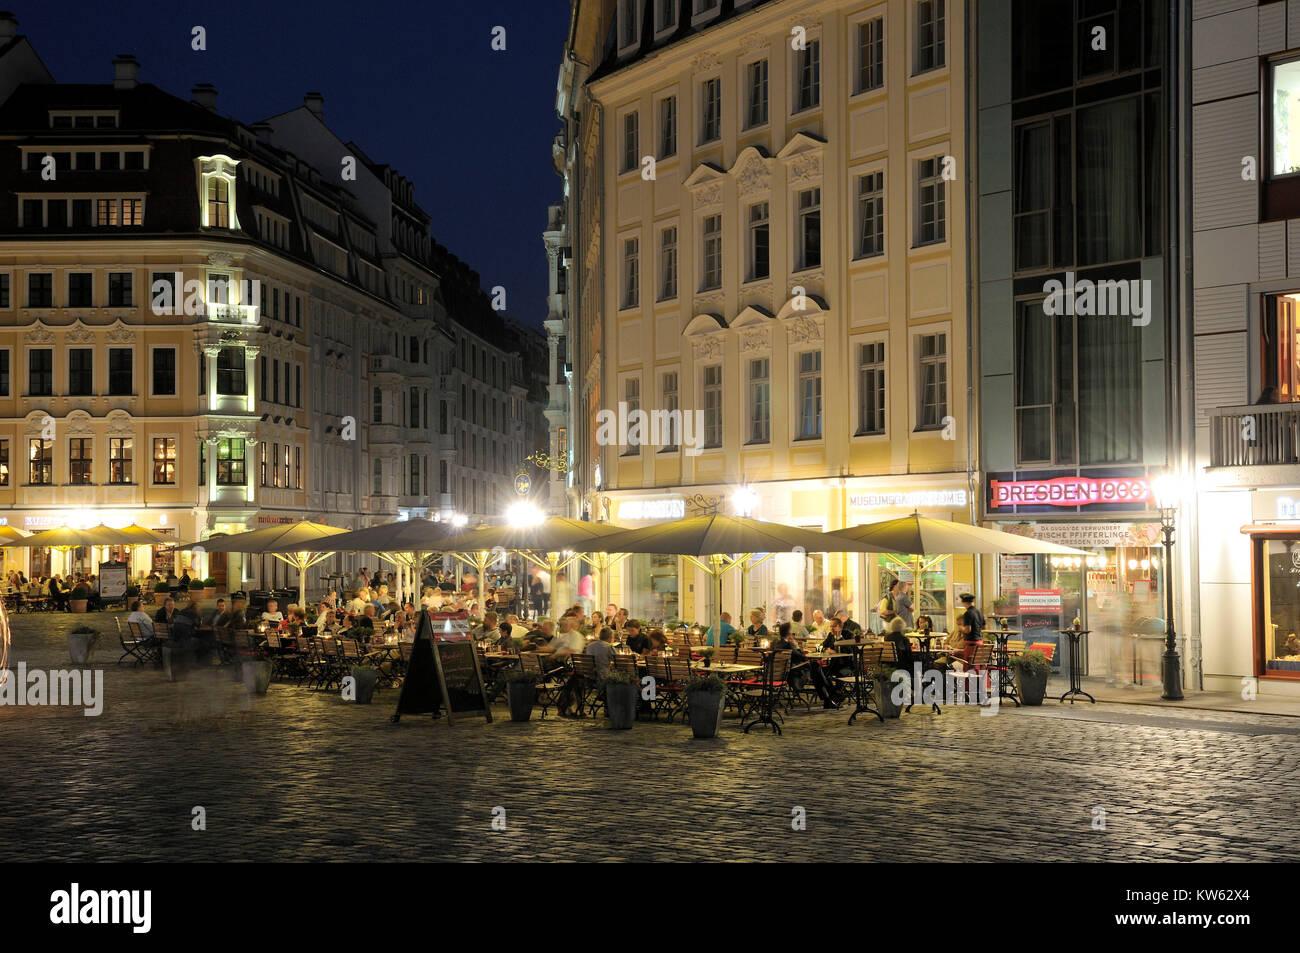 Europe, europe, europaen, European, European, European, European, country, country, Germany, Germany, Germania, Stock Photo